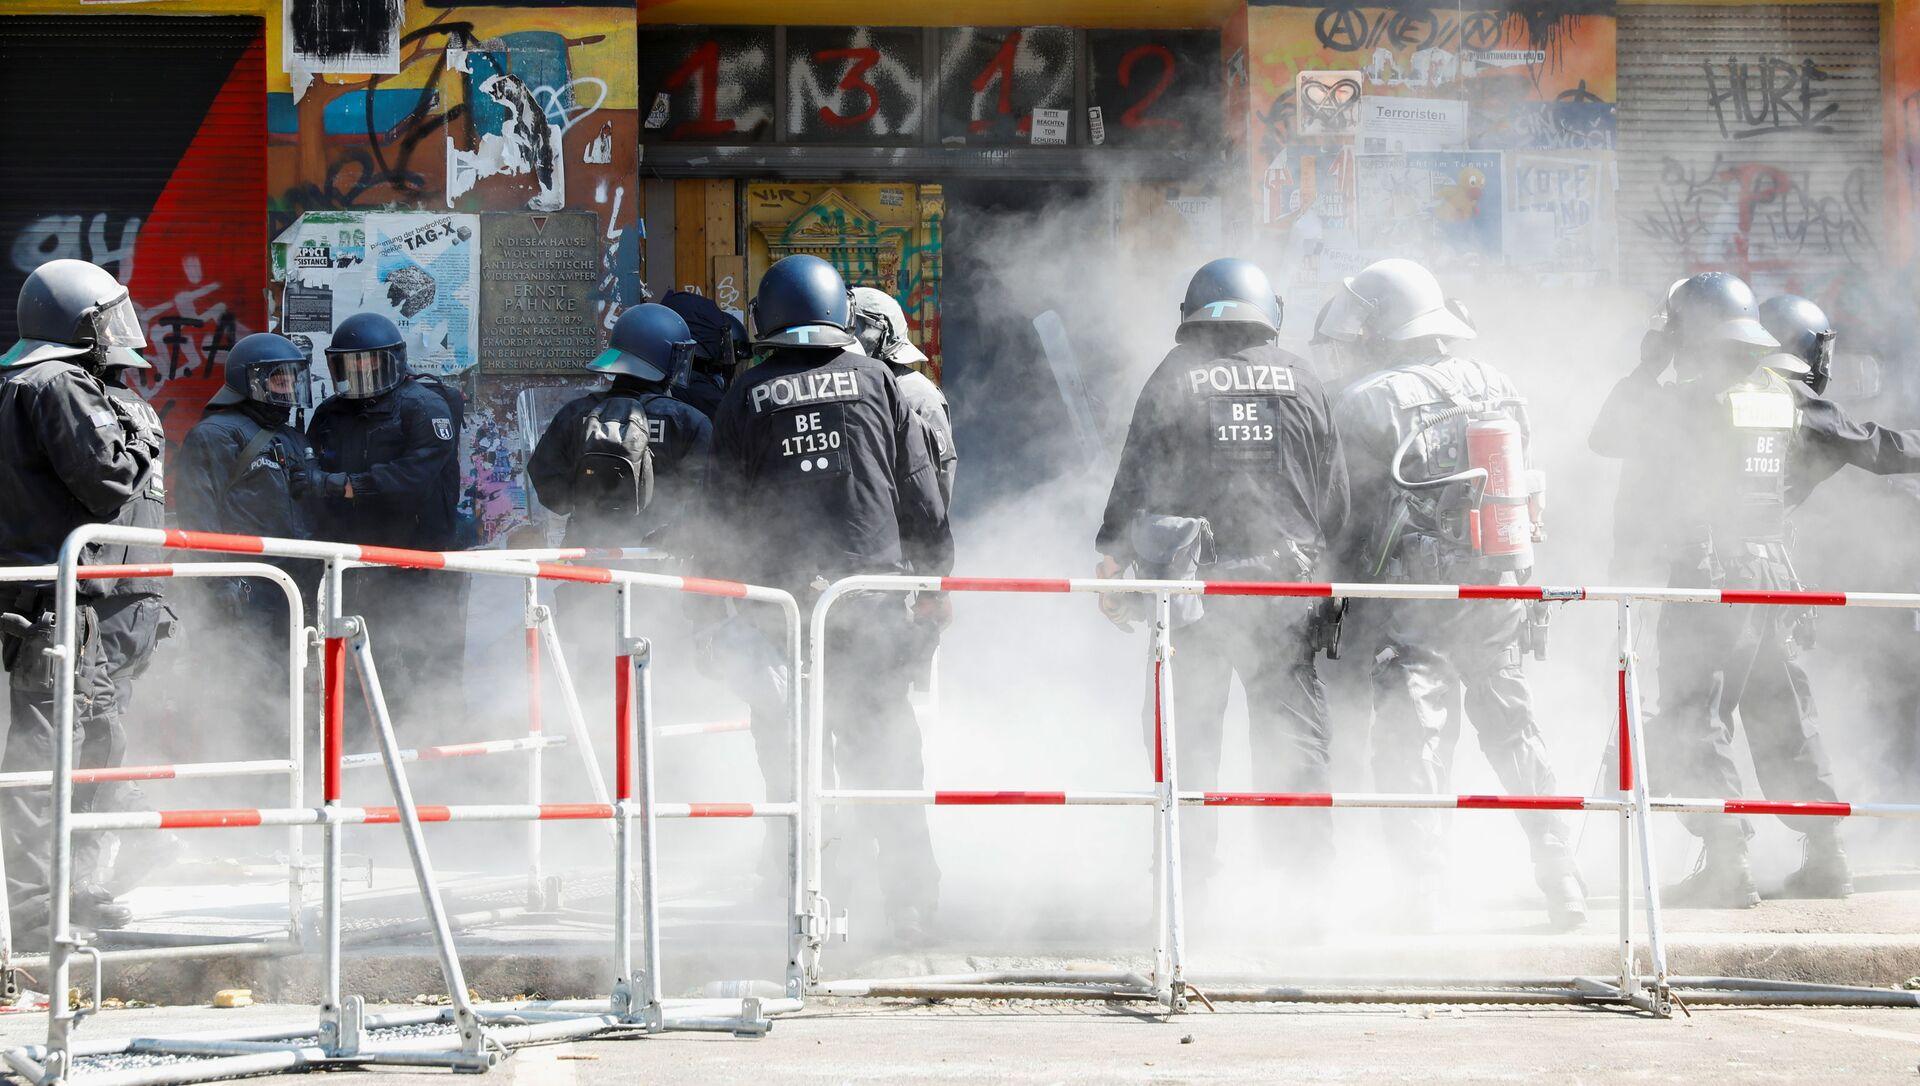 Około 80 policjantów zostało rannych w wyniku oporu stawianego przez lewicowych radykałów podczas przesiedlenia domu w dzielnicy Friedrichshain-Kreuzberg w Berlinie.  - Sputnik Polska, 1920, 17.06.2021